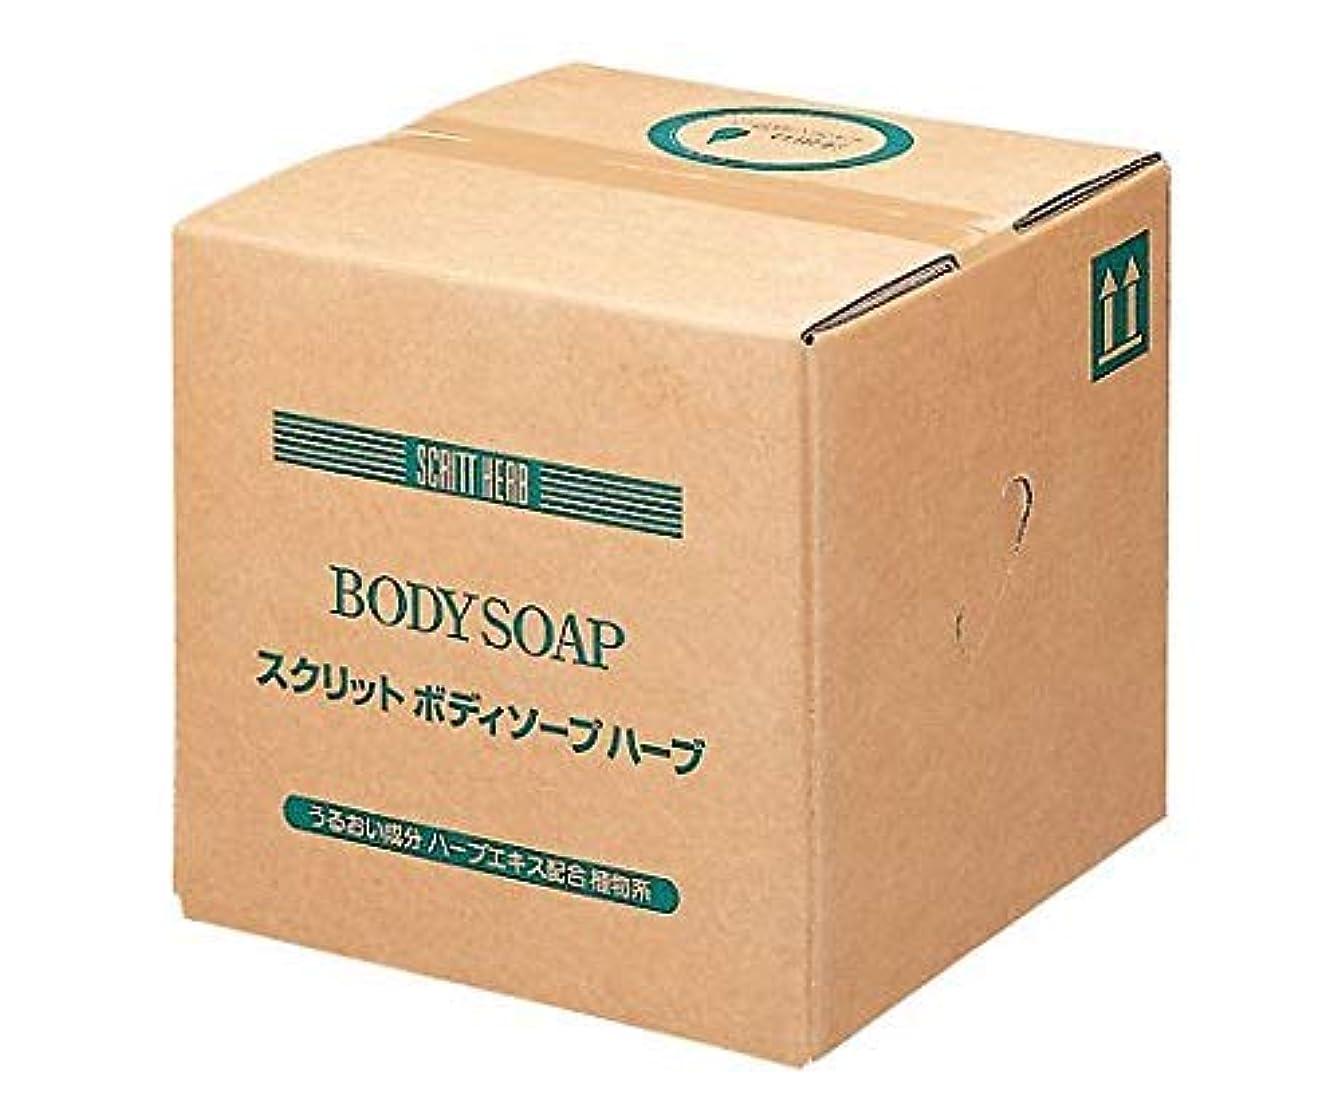 スイはちみつ考える業務用 SCRITT(スクリット) ボディソープ 18L 熊野油脂 (コック付き)